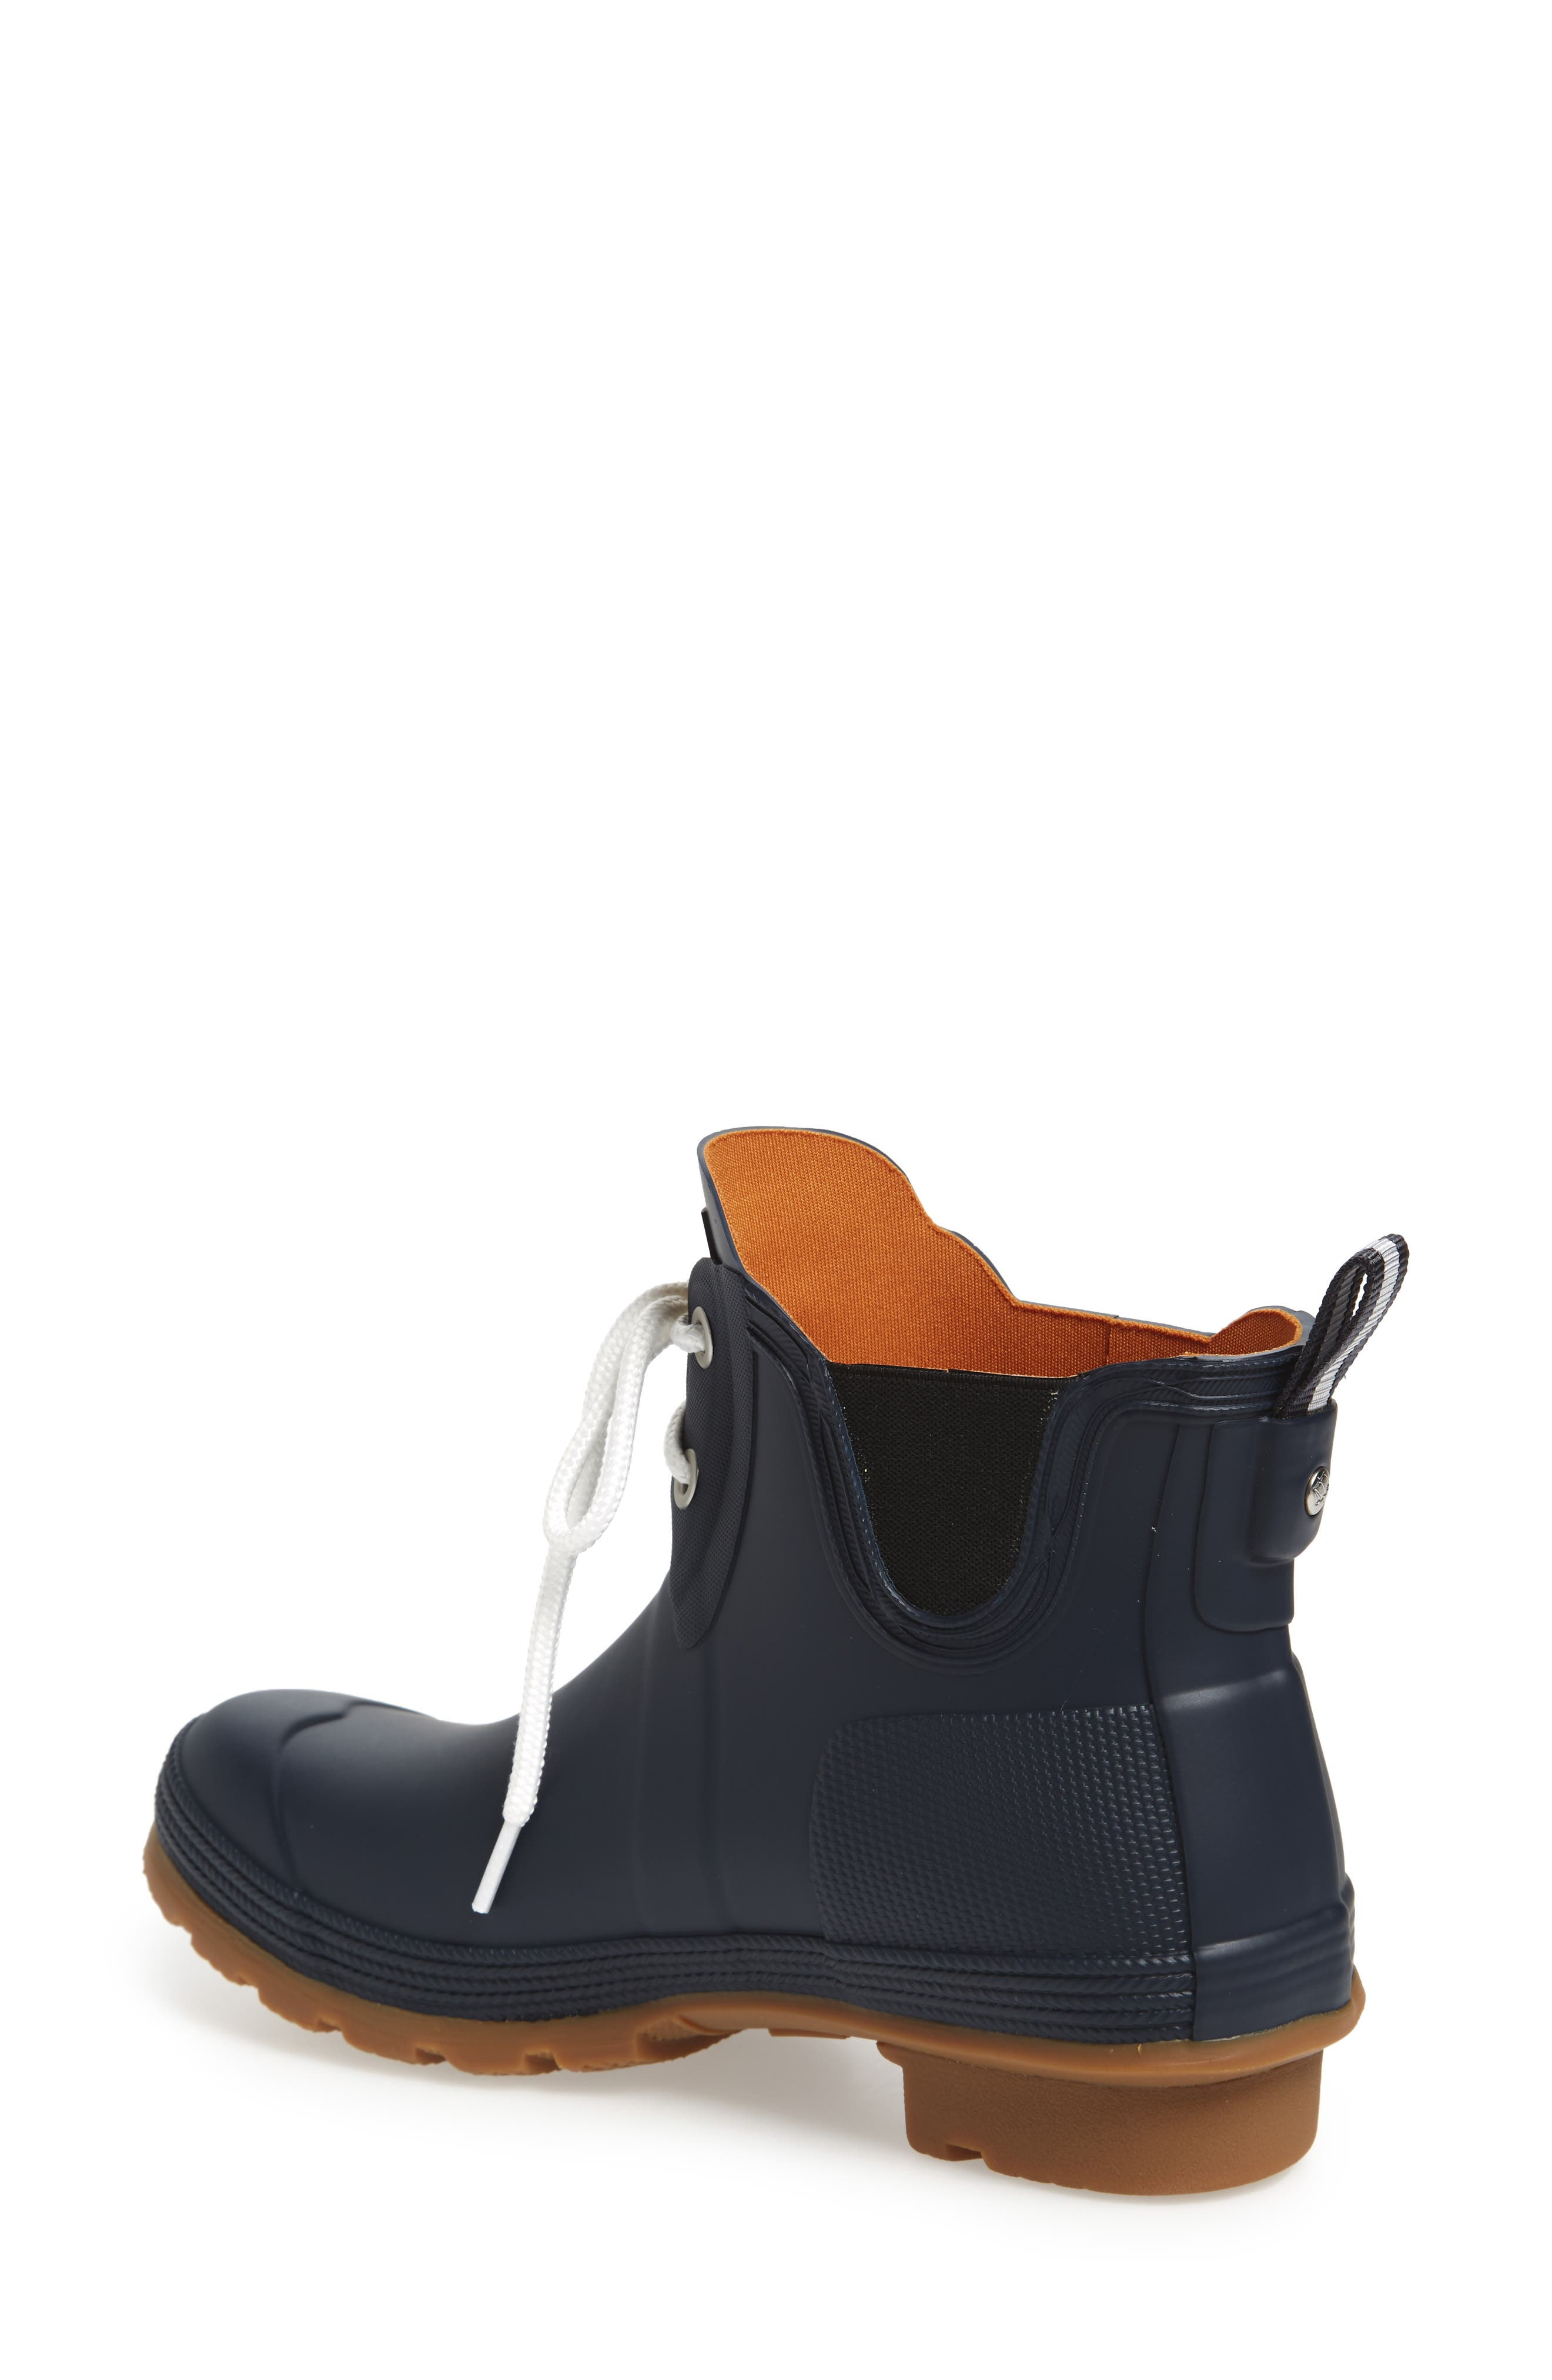 Original Sissinghurst Waterproof Pull-On Boot,                             Alternate thumbnail 2, color,                             Navy/ Gum